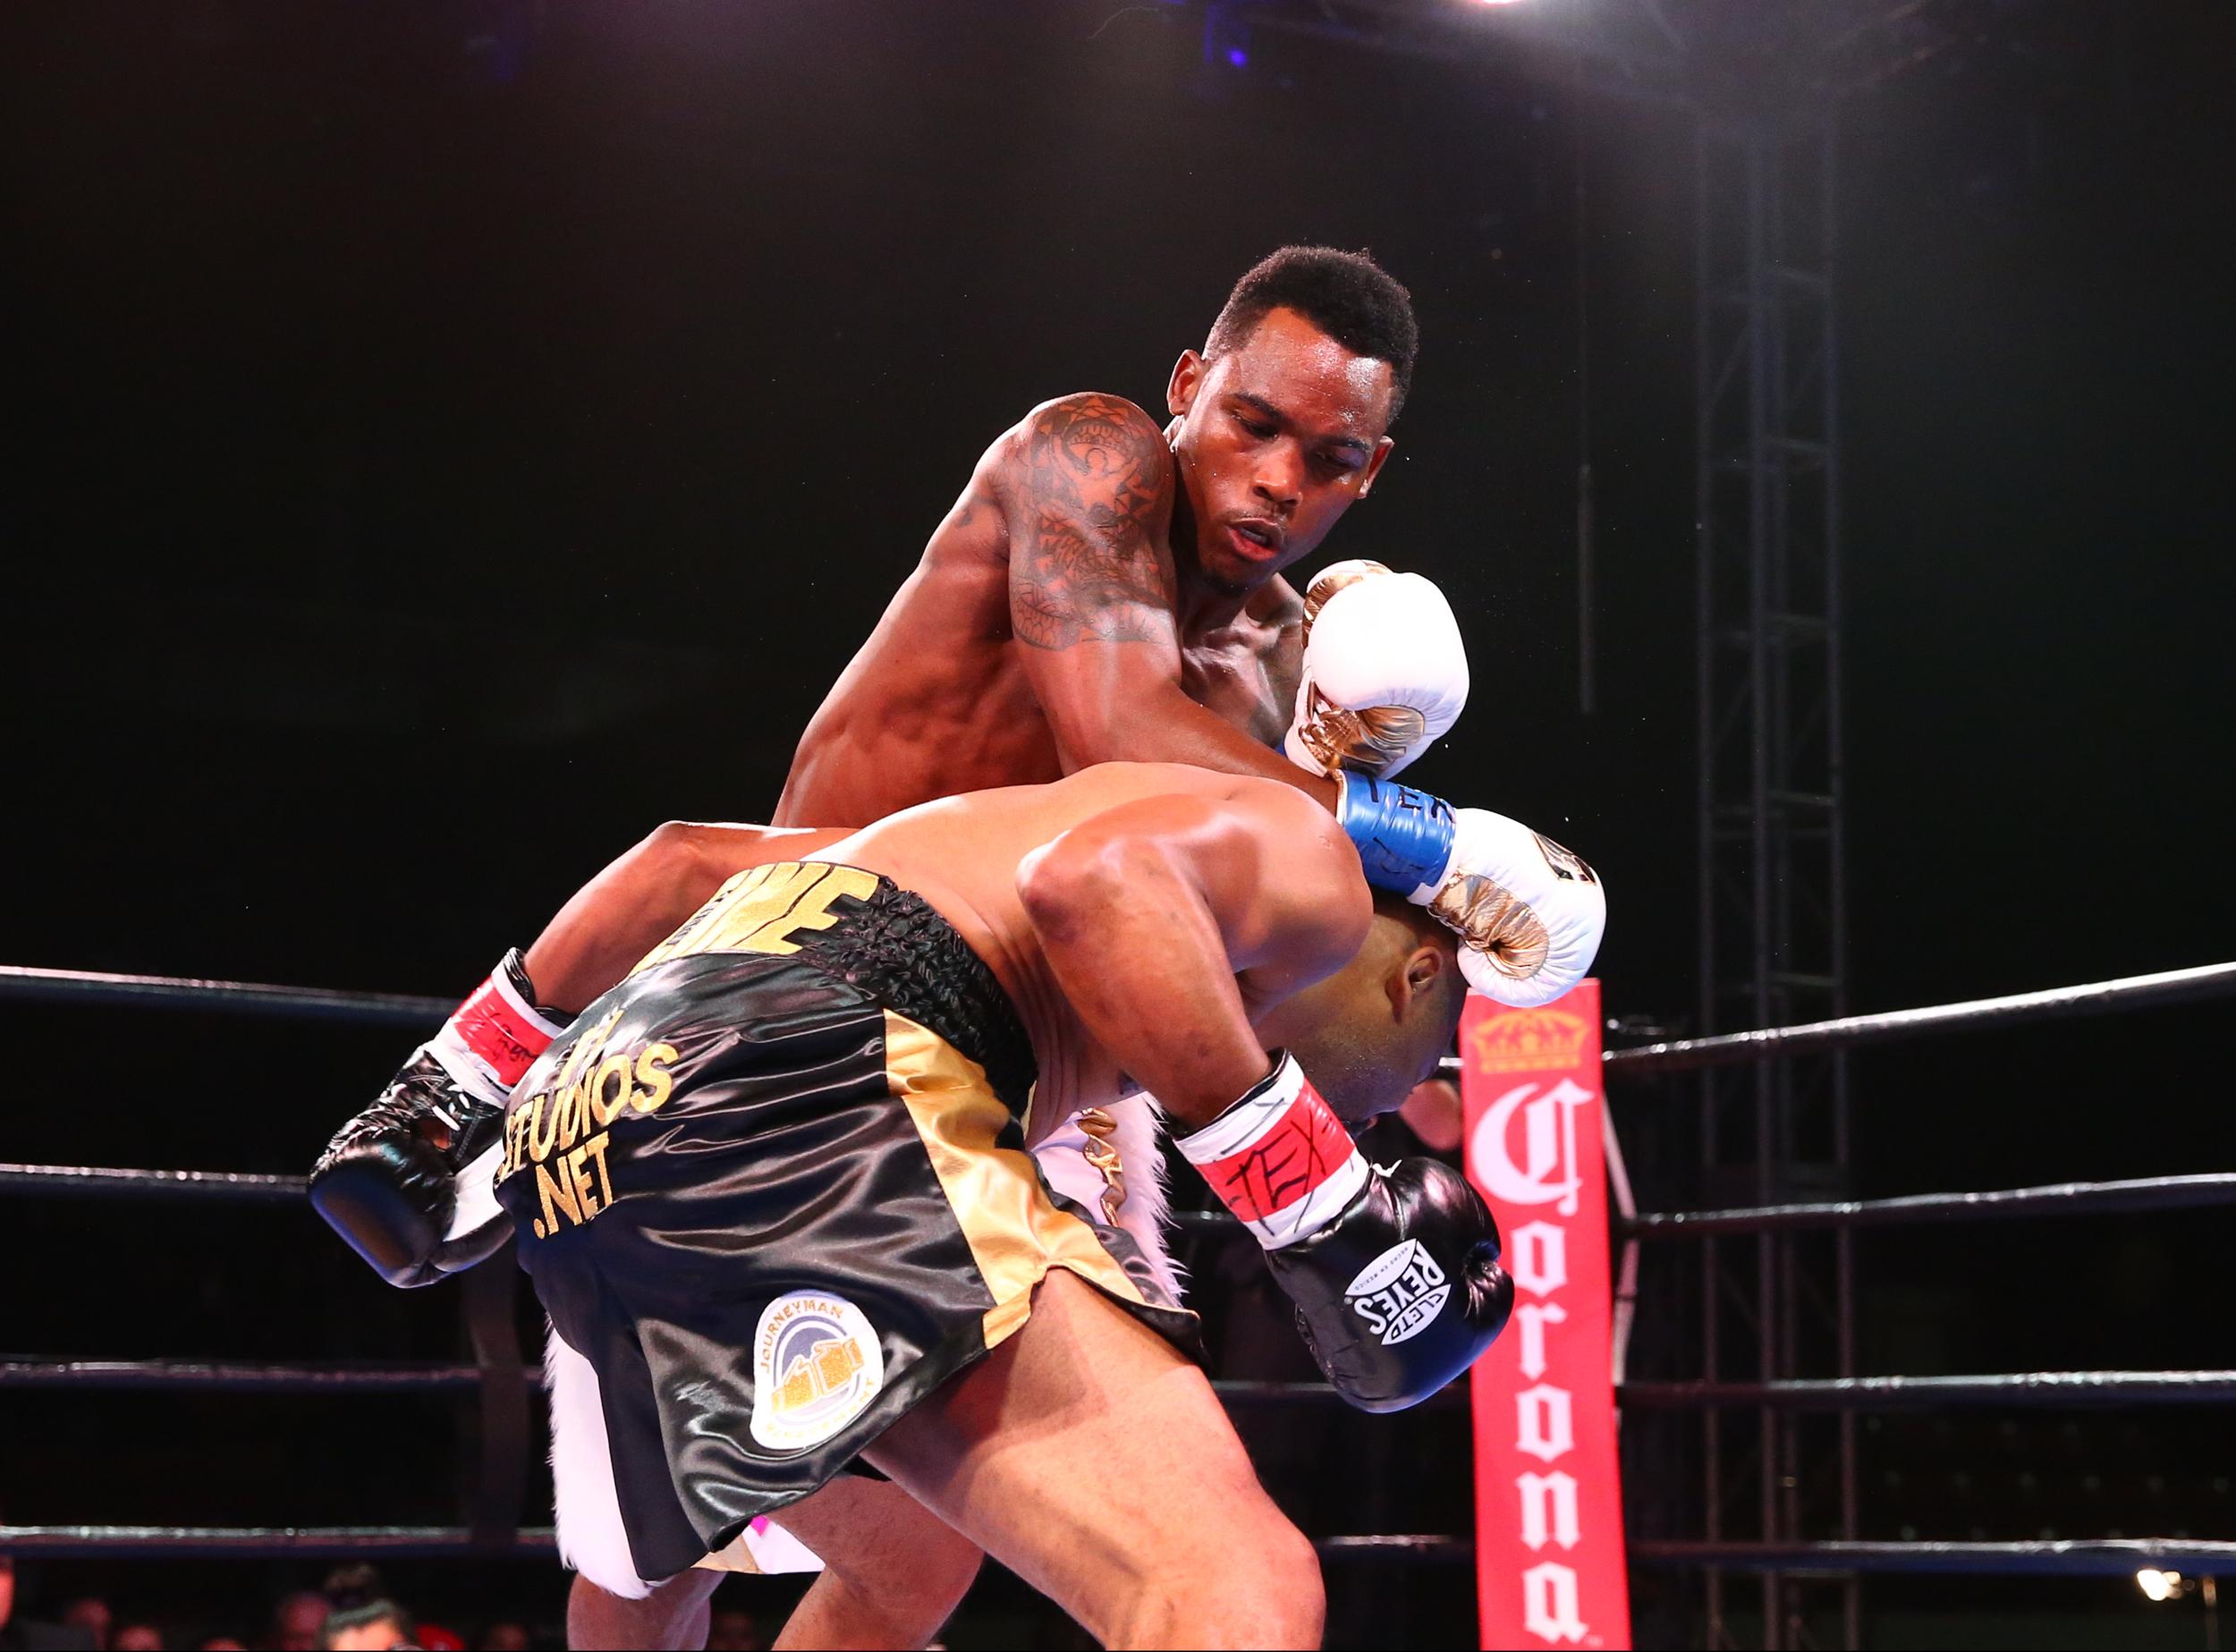 SASP- 20151031 - PBC Boxing - 2306 - 4432.JPG